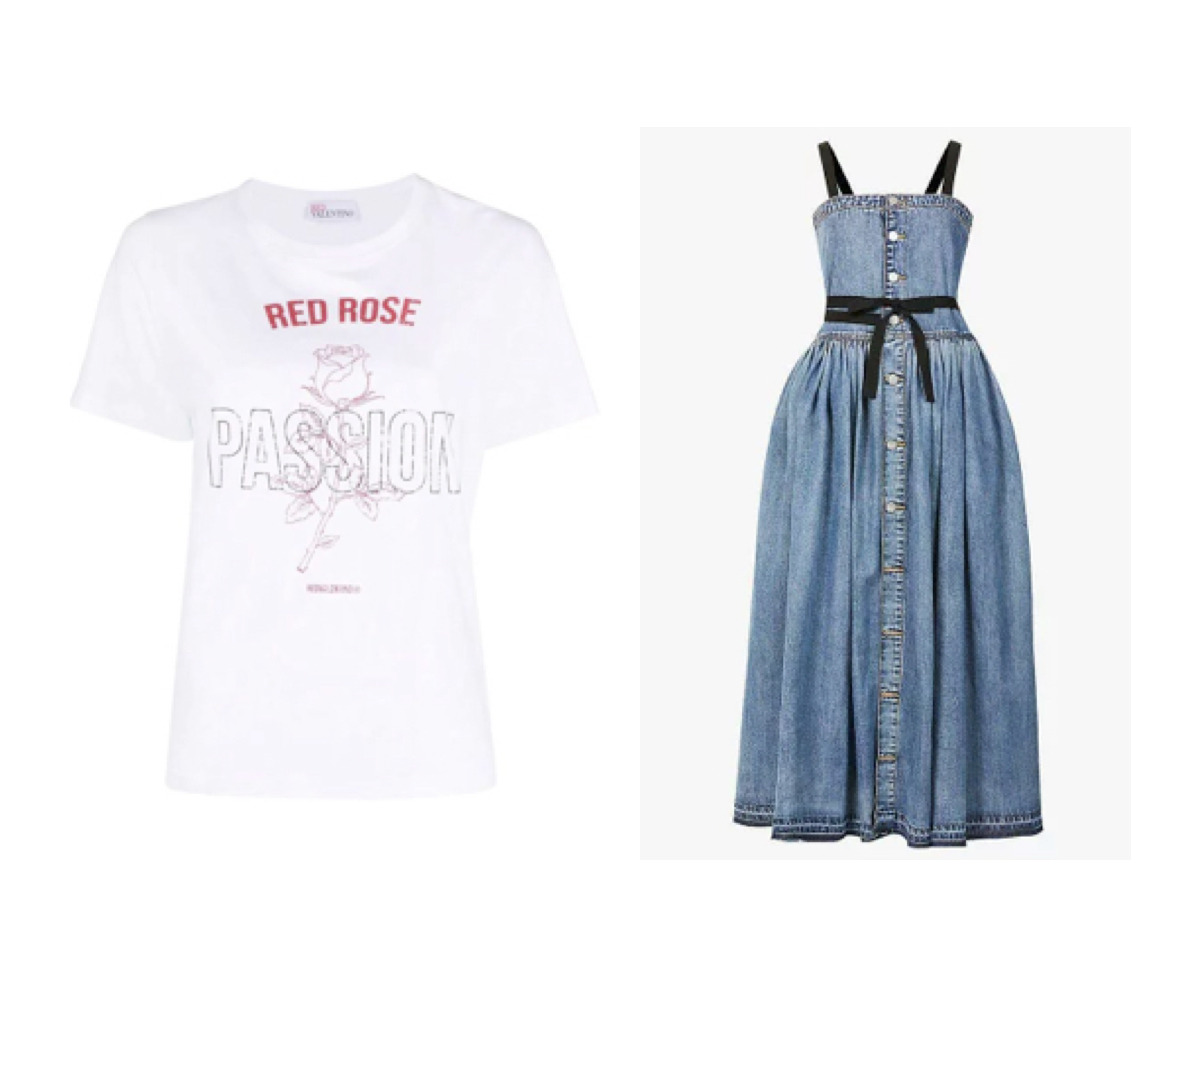 【踊る!さんま御殿!!】ももいろクローバーZの百田夏菜子さんが着用している衣装やファッション・ブランド・購入先をリサーチして紹介しているページです♪【随時更新】【踊るさんま御殿】百田夏菜子(ももクロ) 衣装 デニムドレス・Tシャツかわいいファッションのブランド・購入先紹介♪